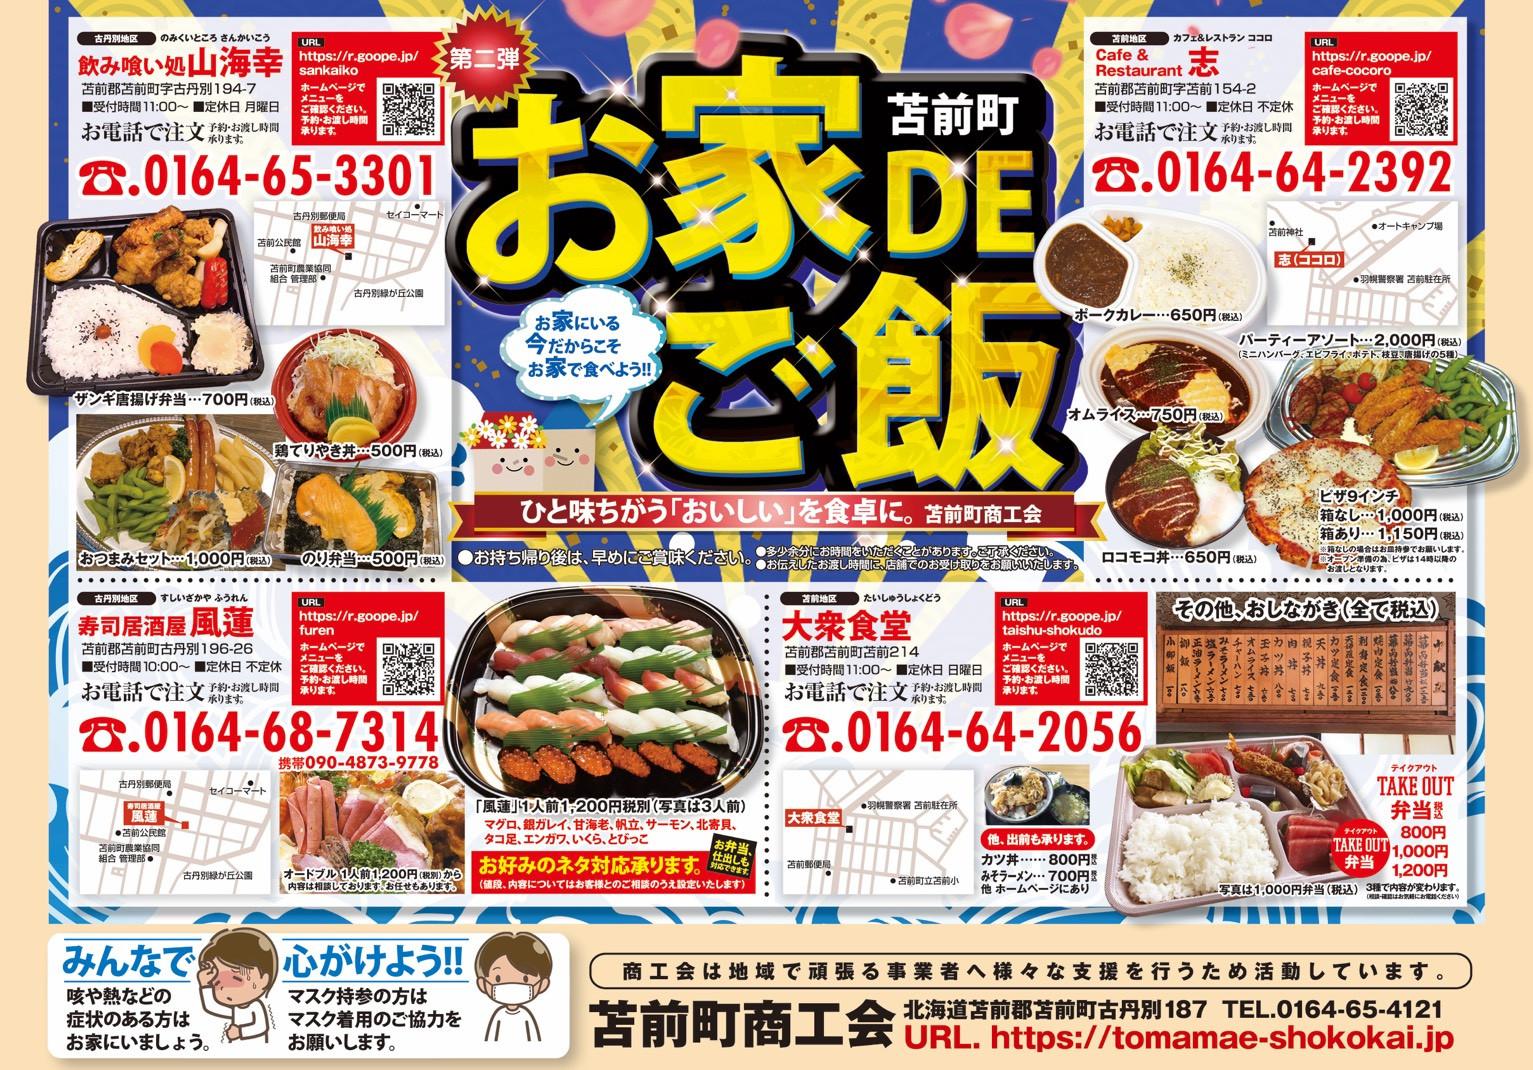 町内飲食店合同チラシ発行のお知らせ